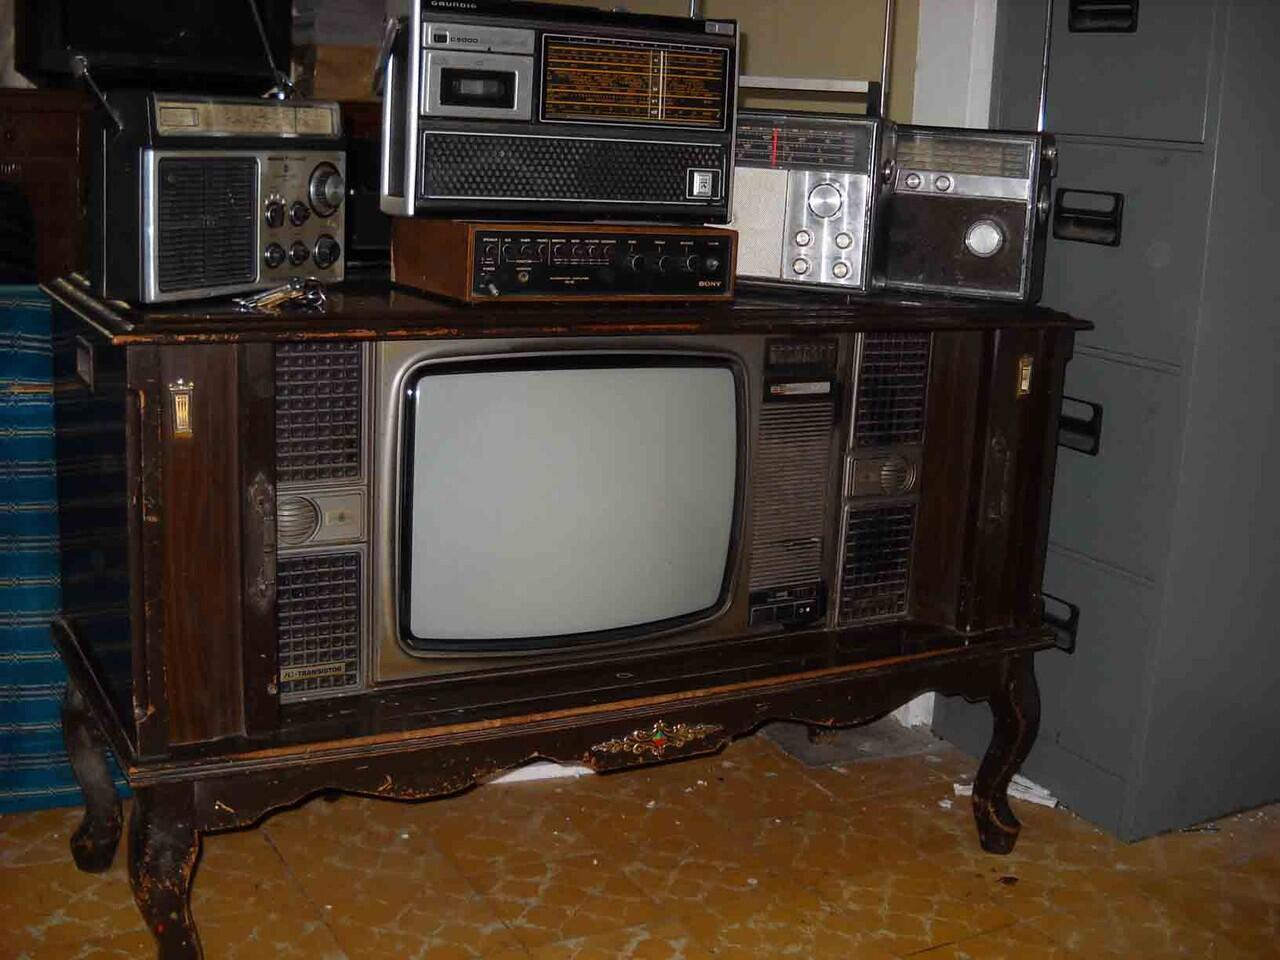 Terjual Dijual Tv Antik Jadul Hitachi Kaskus